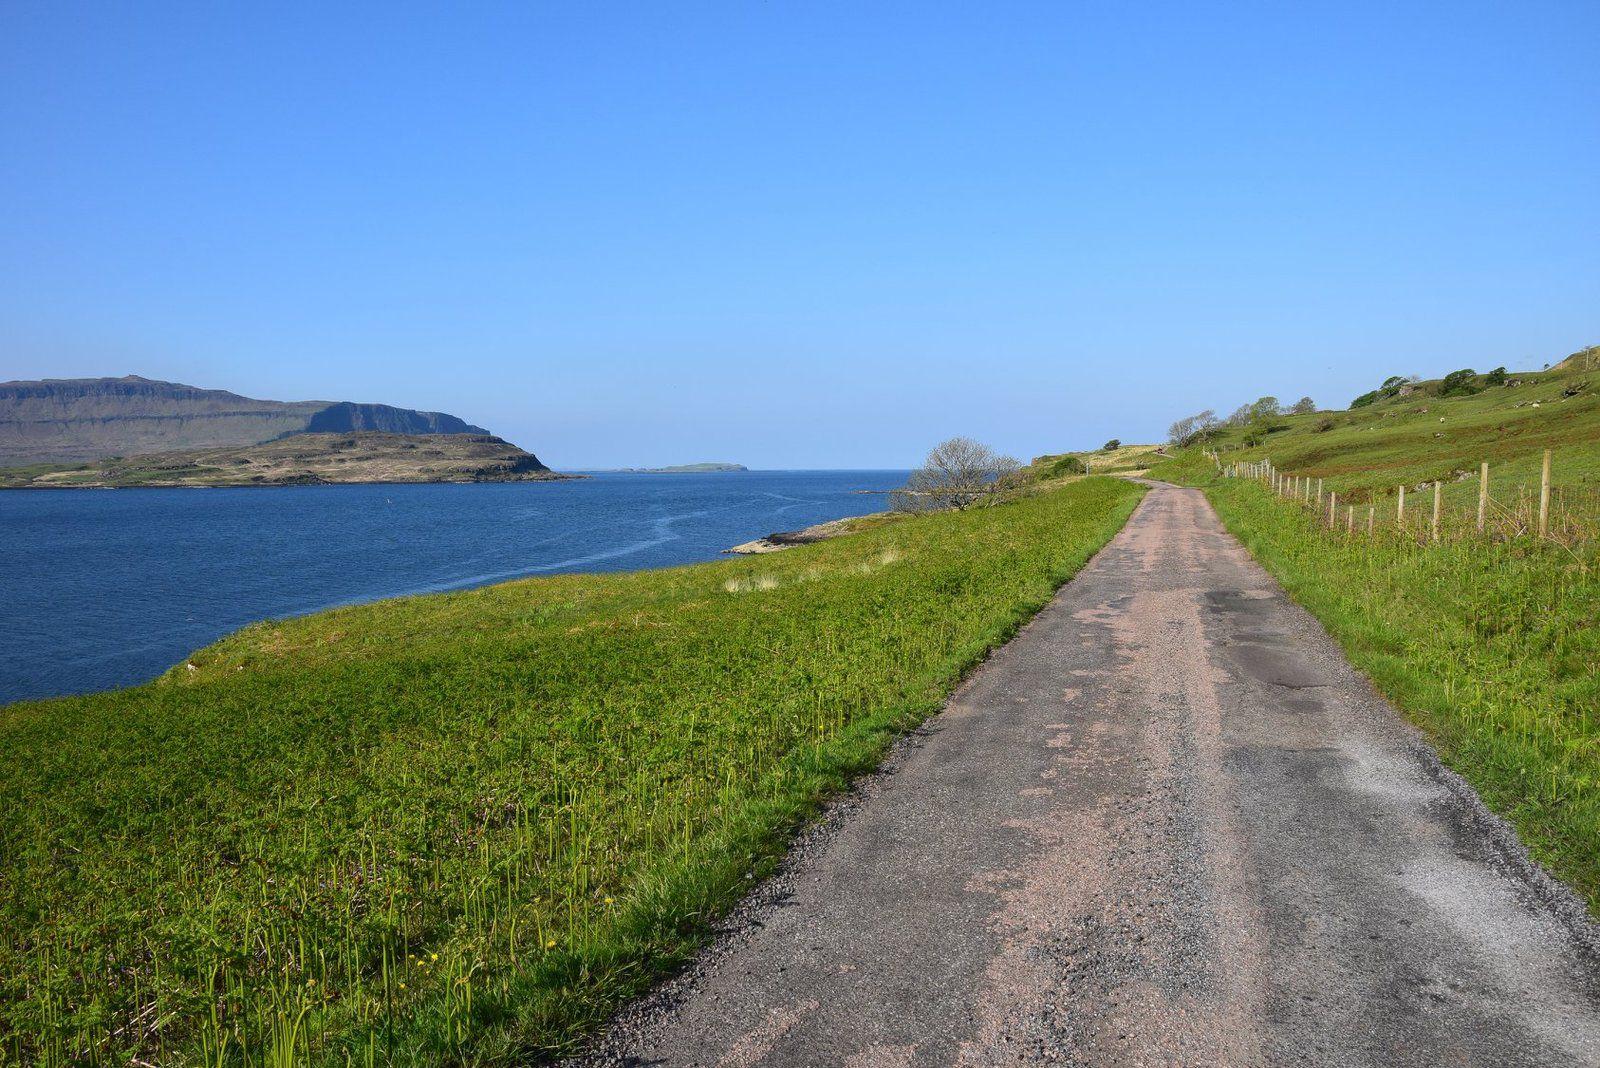 C'est un plaisir de parcourir les routes écossaises